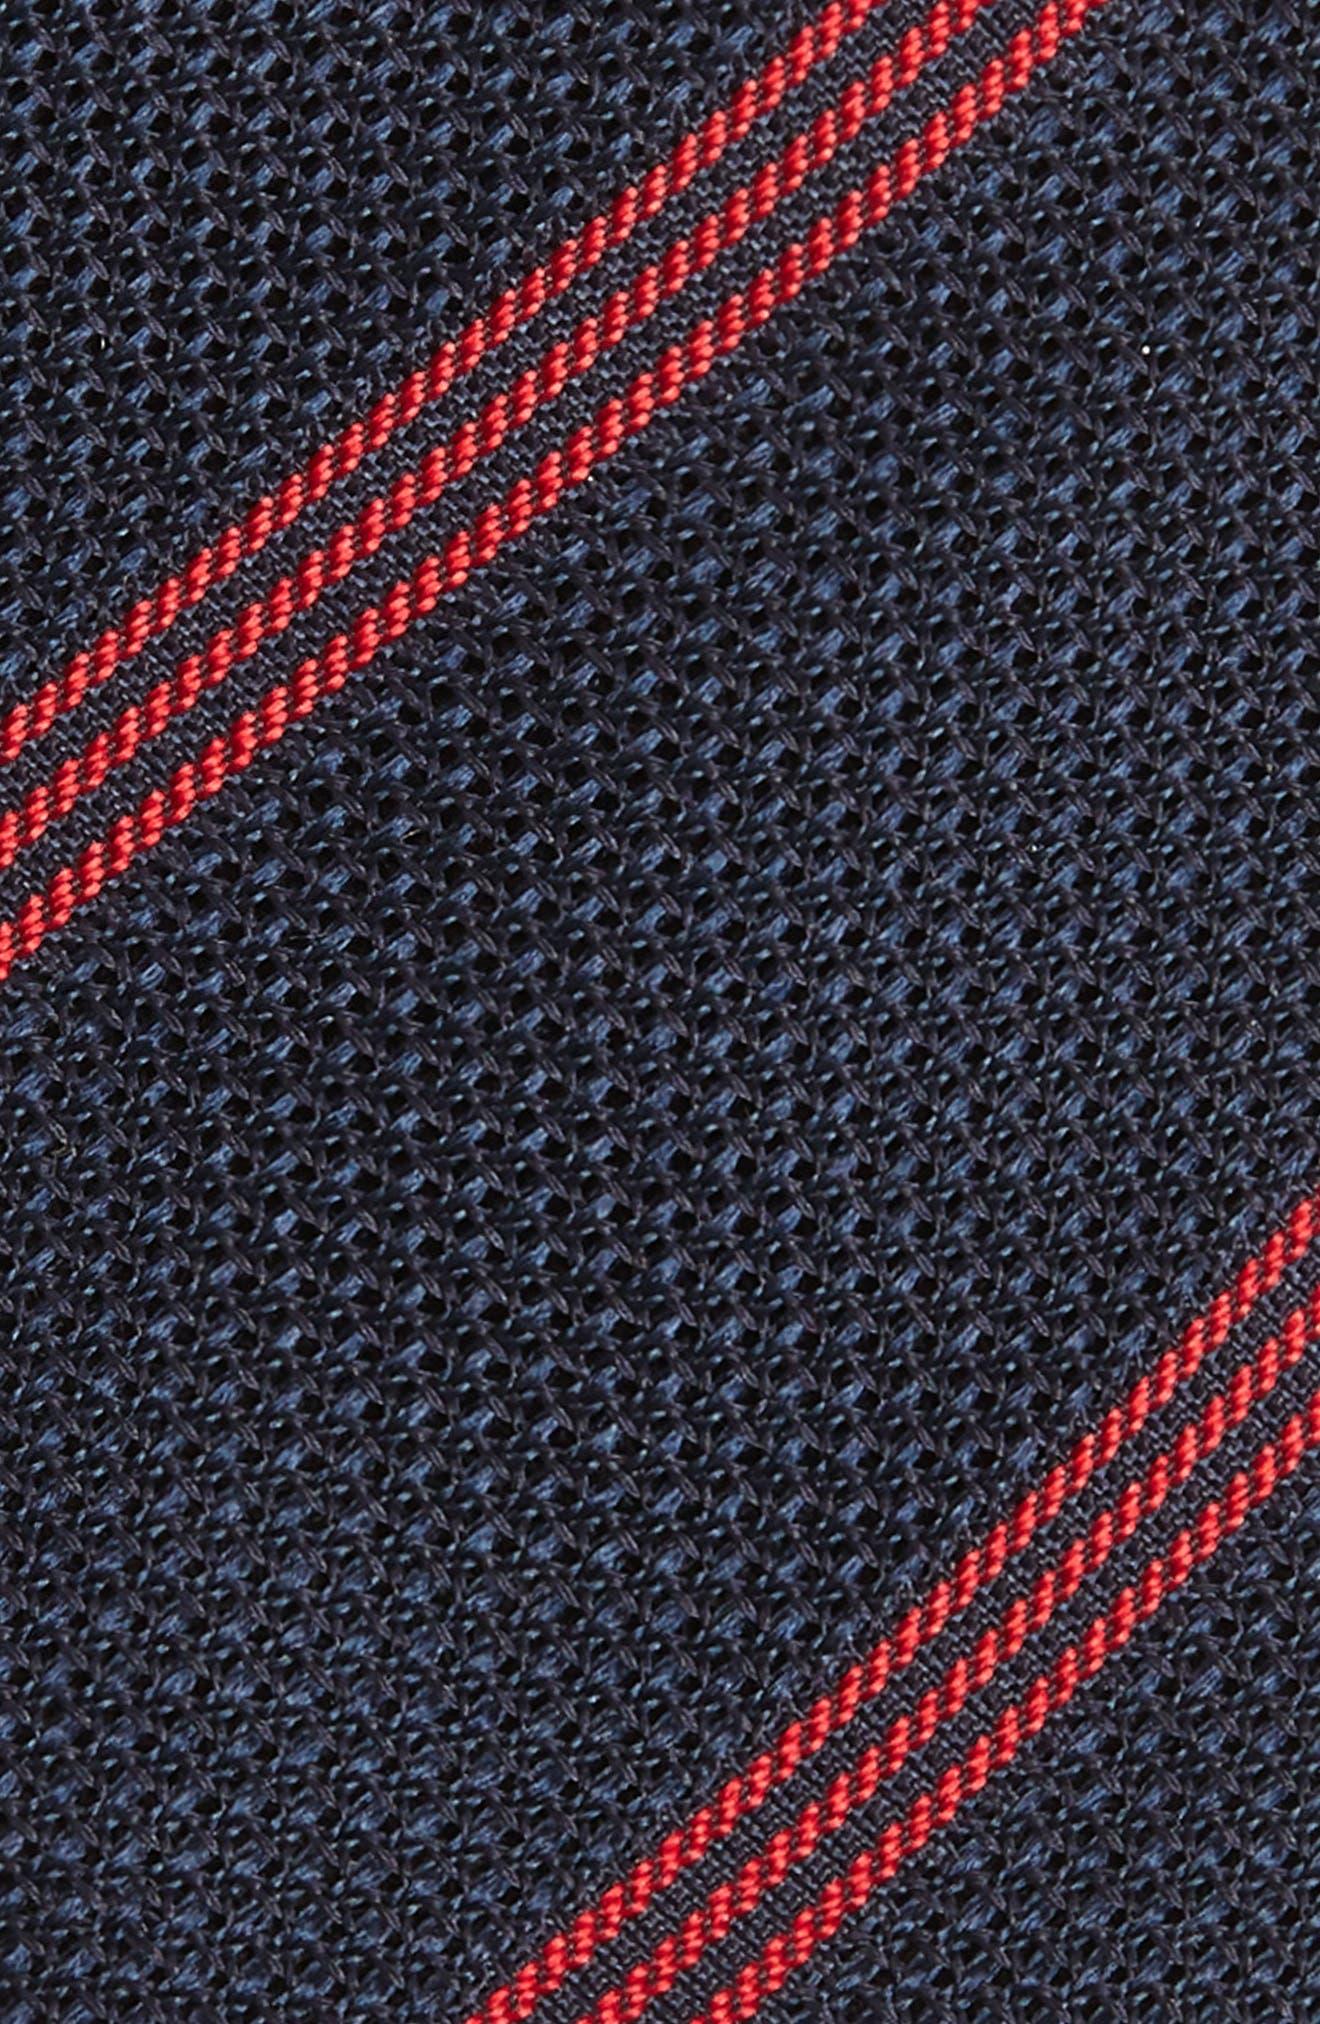 Stripe Wool Skinny Tie,                             Alternate thumbnail 2, color,                             Navy/ Red